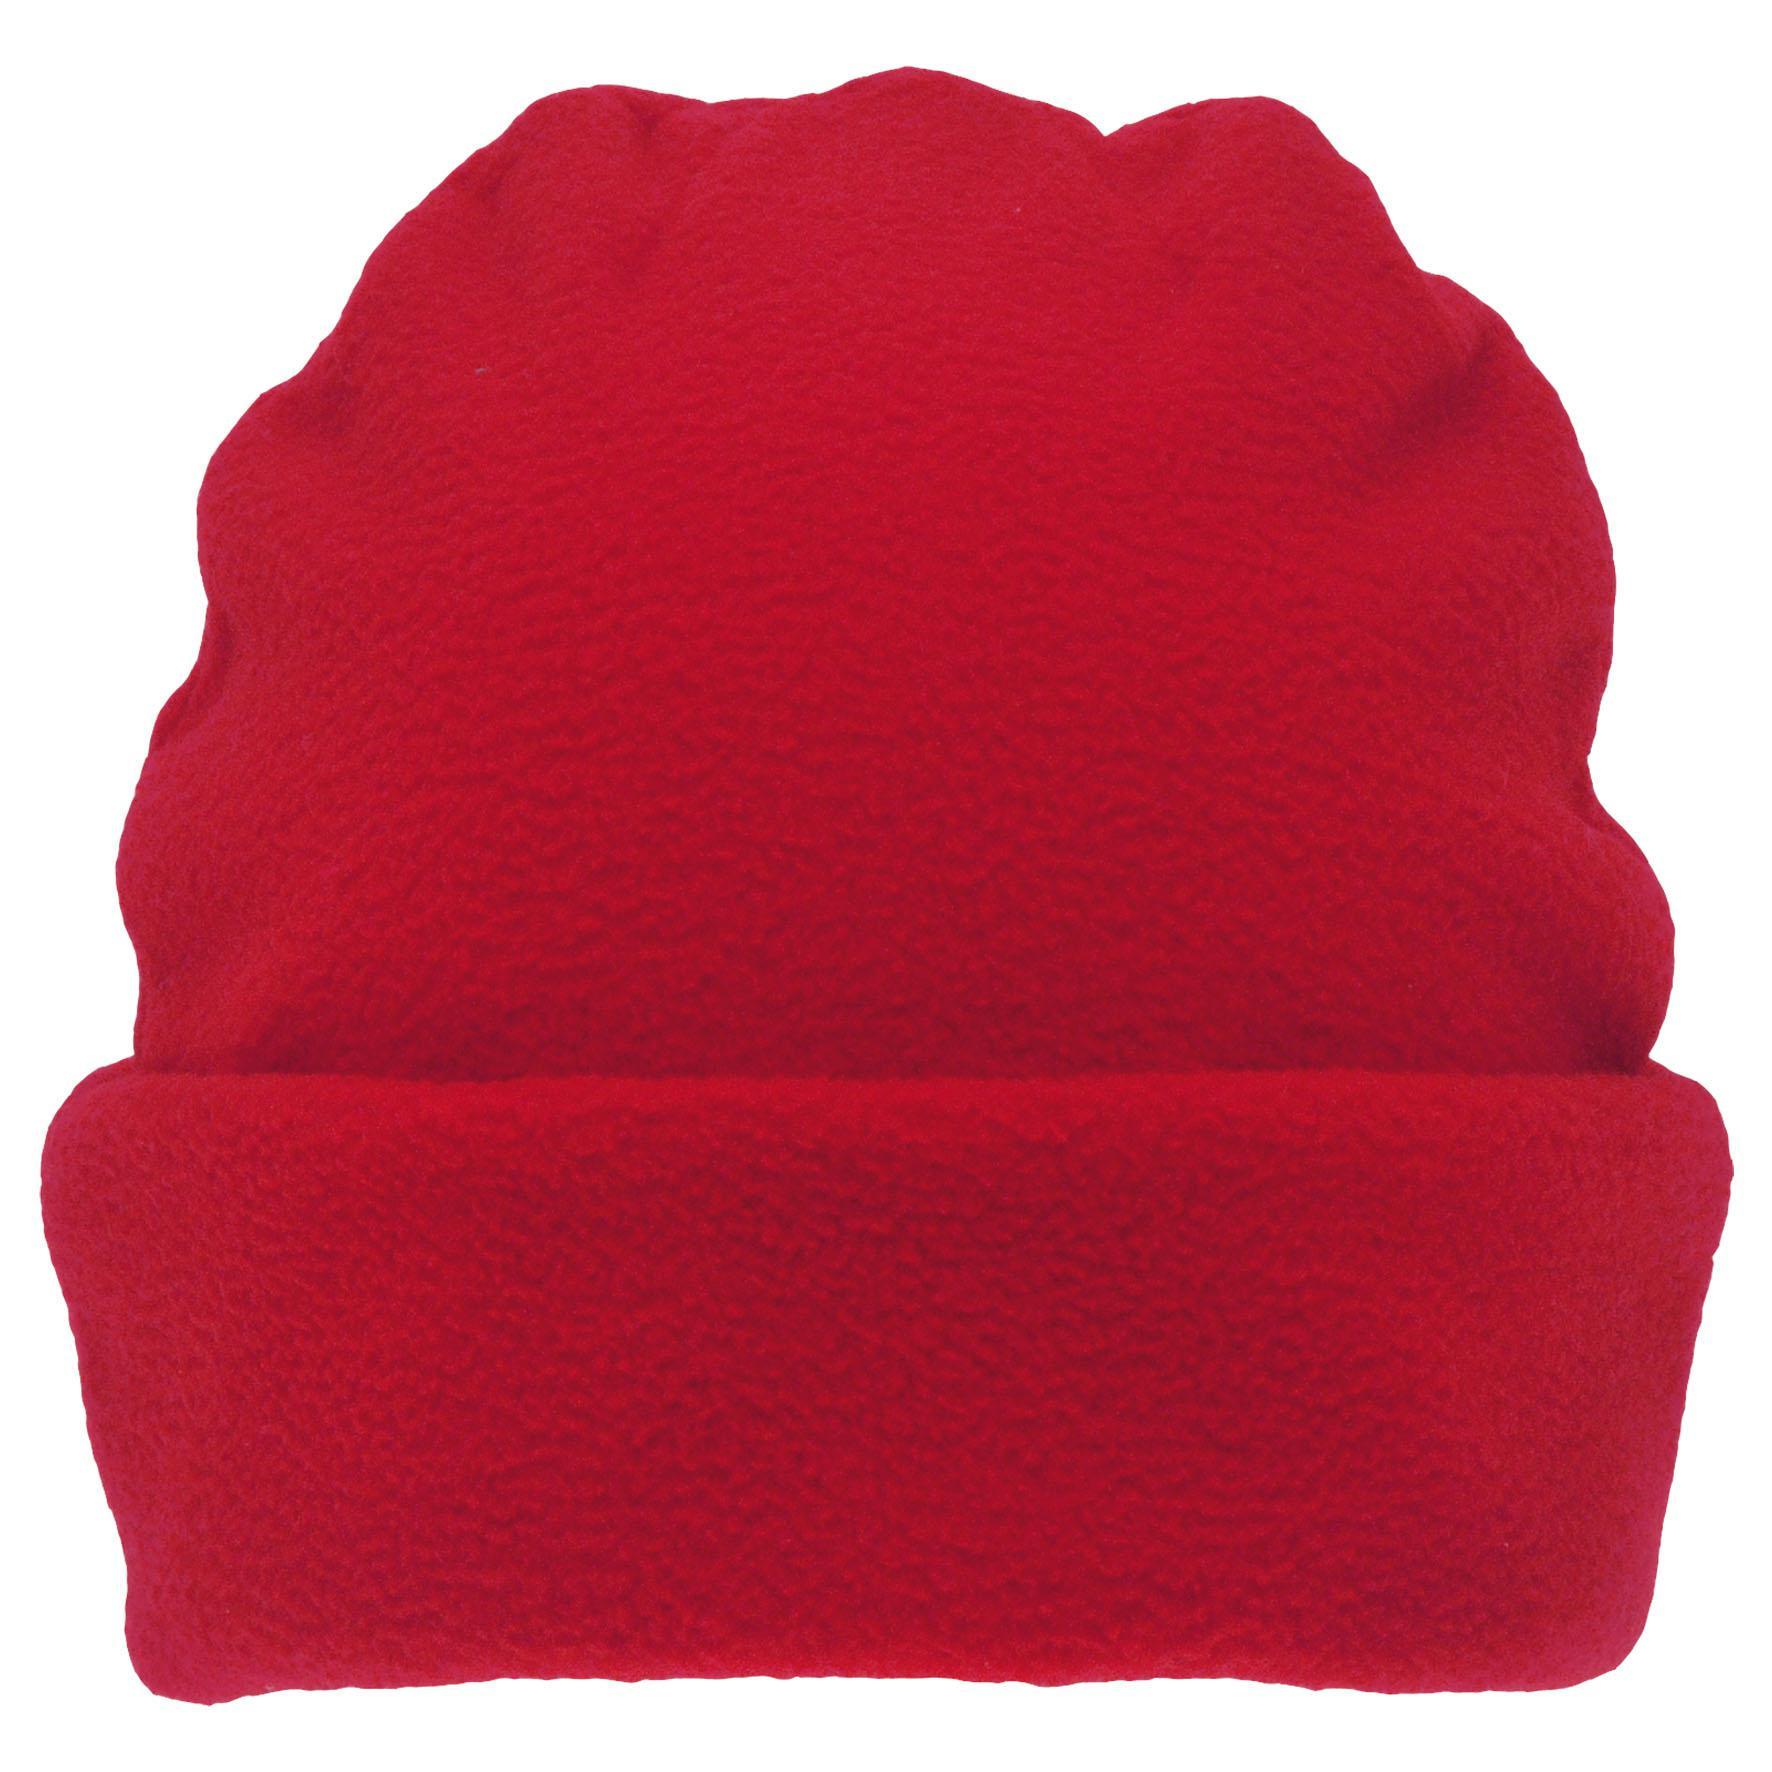 Bonnet publicitaire polaire M - Cadeau d'entreprise